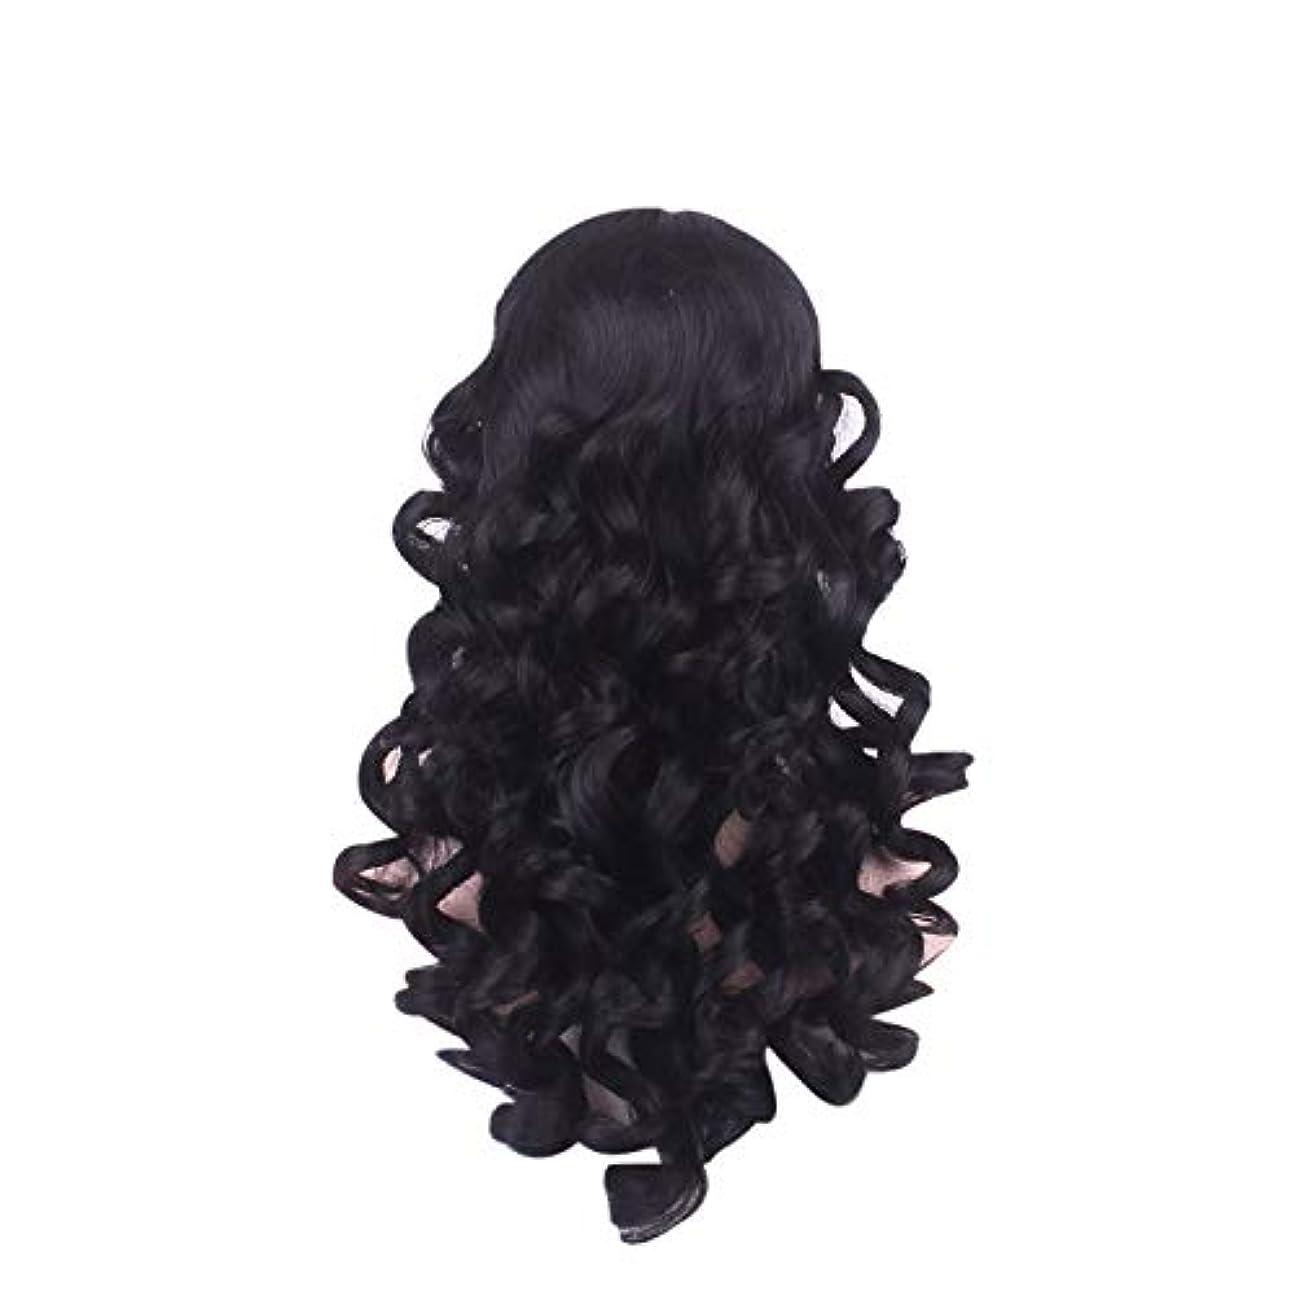 哀れなシャークコントロール女性の長い巻き毛のファッションかつらローズネット65 cm